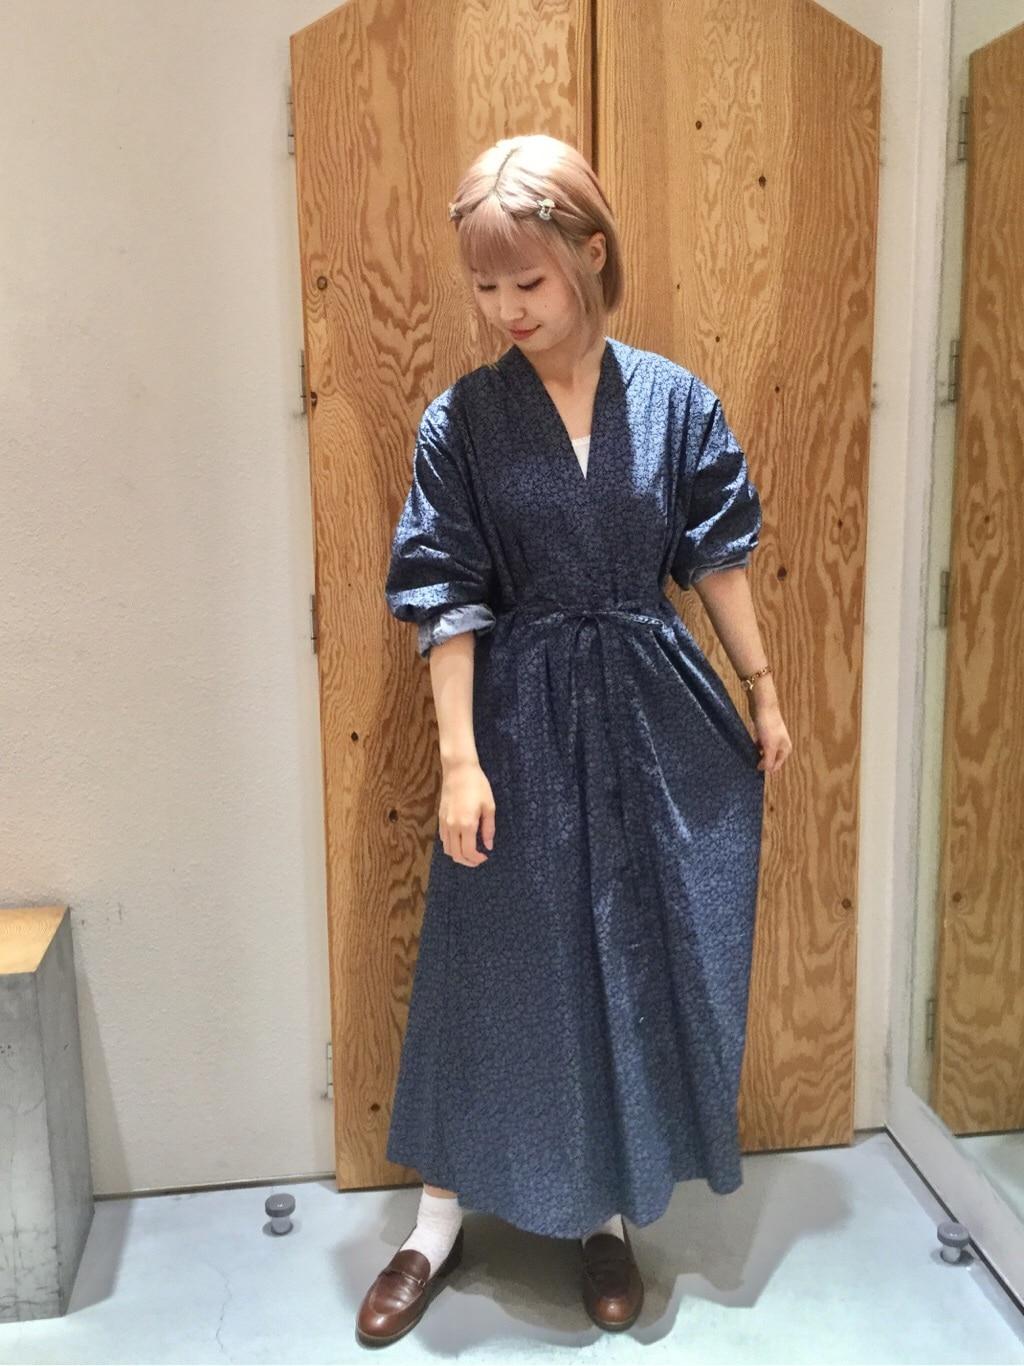 l'atelier du savon グランフロント大阪 身長:157cm 2019.07.26